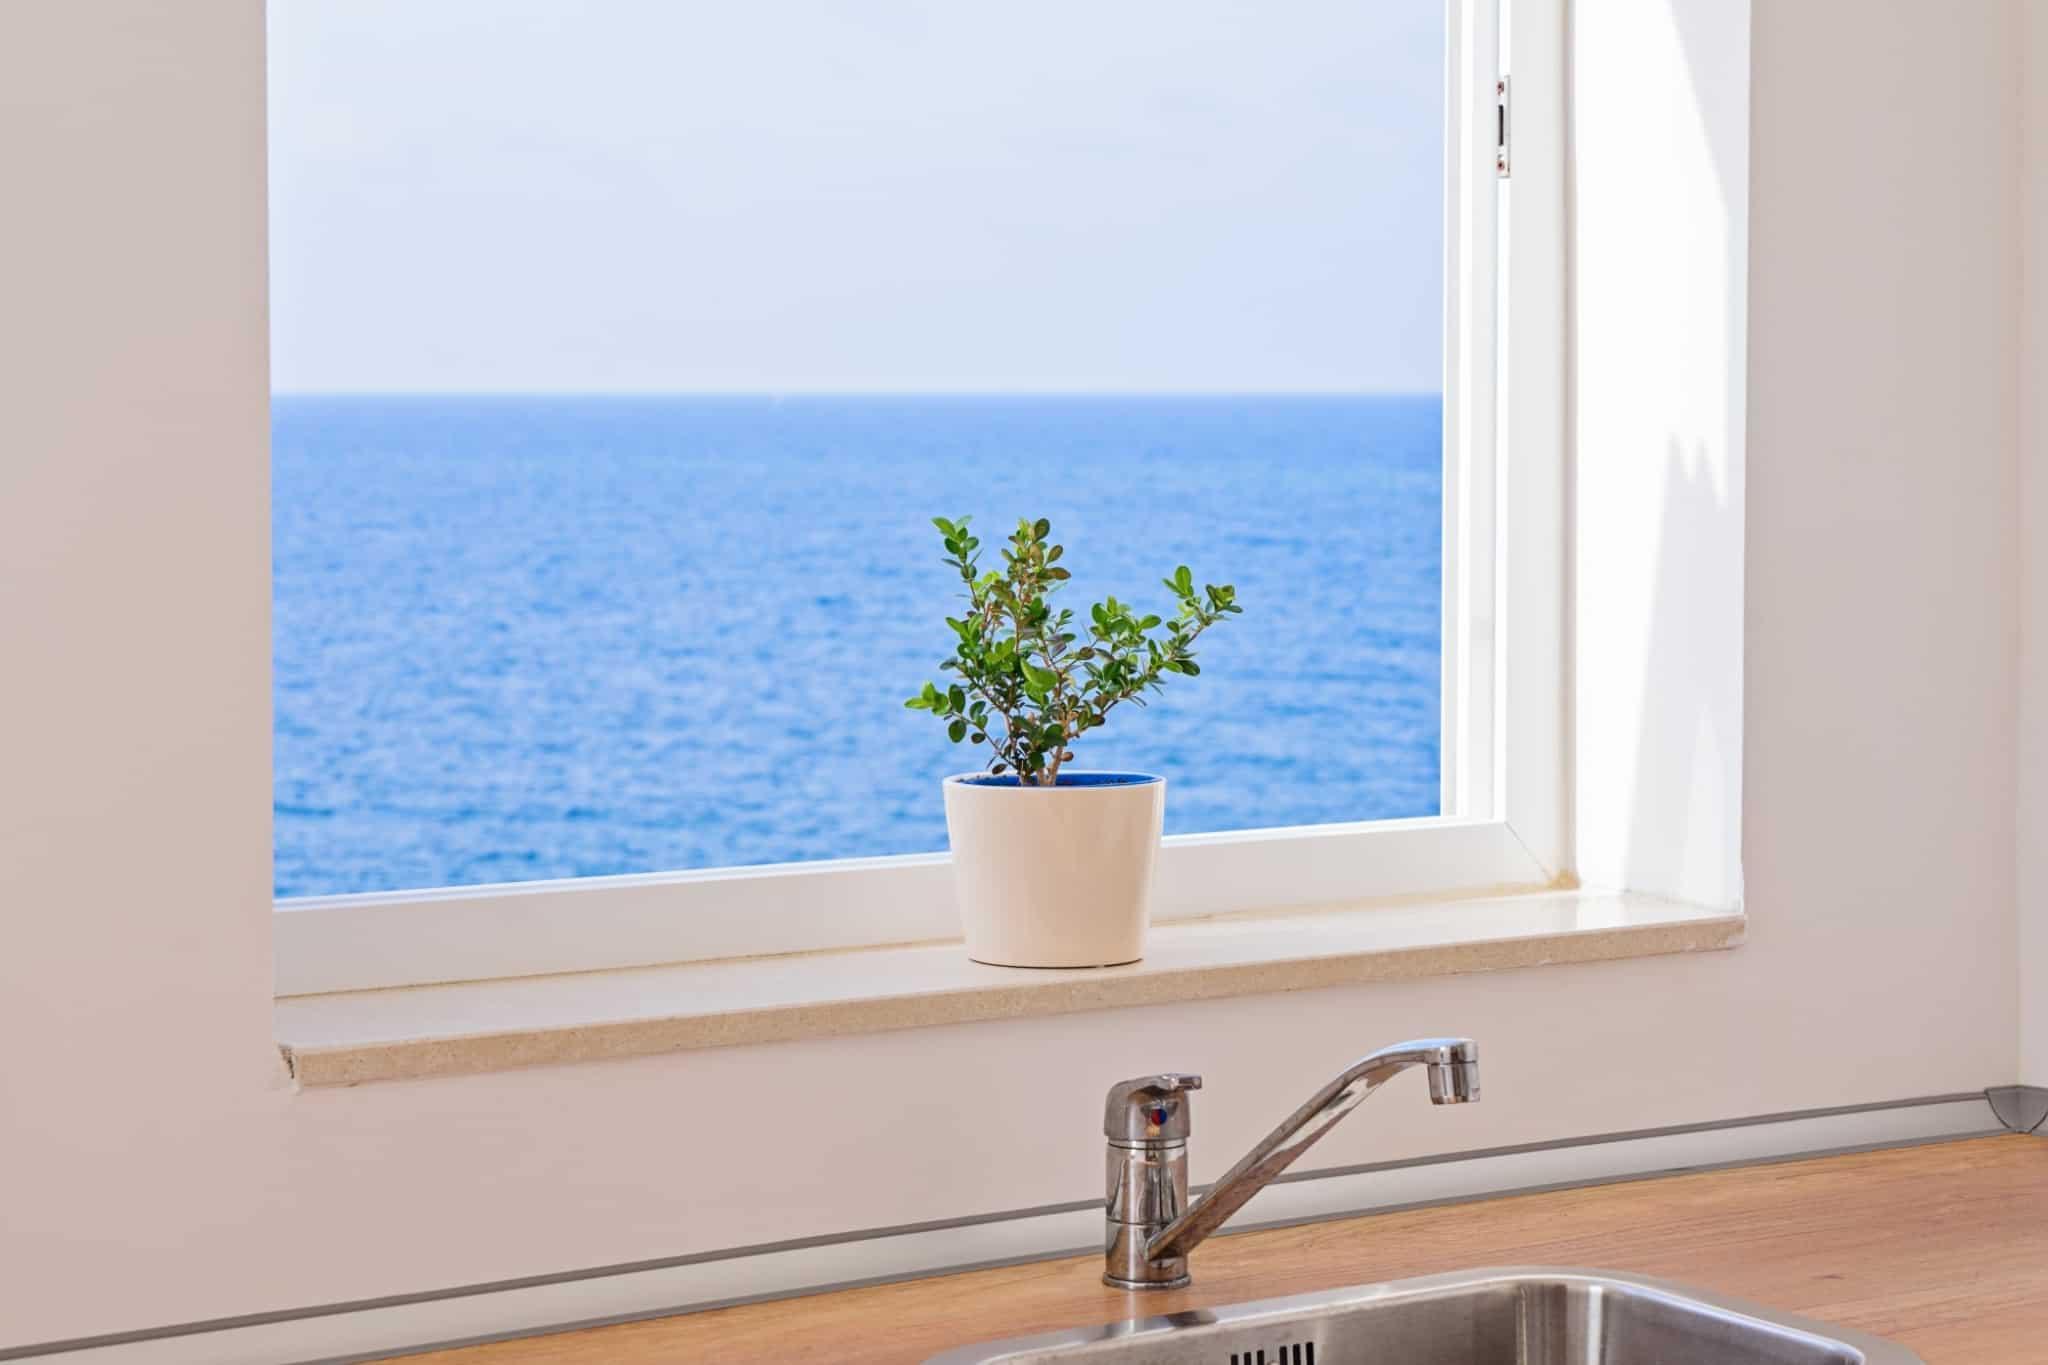 bacia de cozinha com planta e janela com vista para o mar